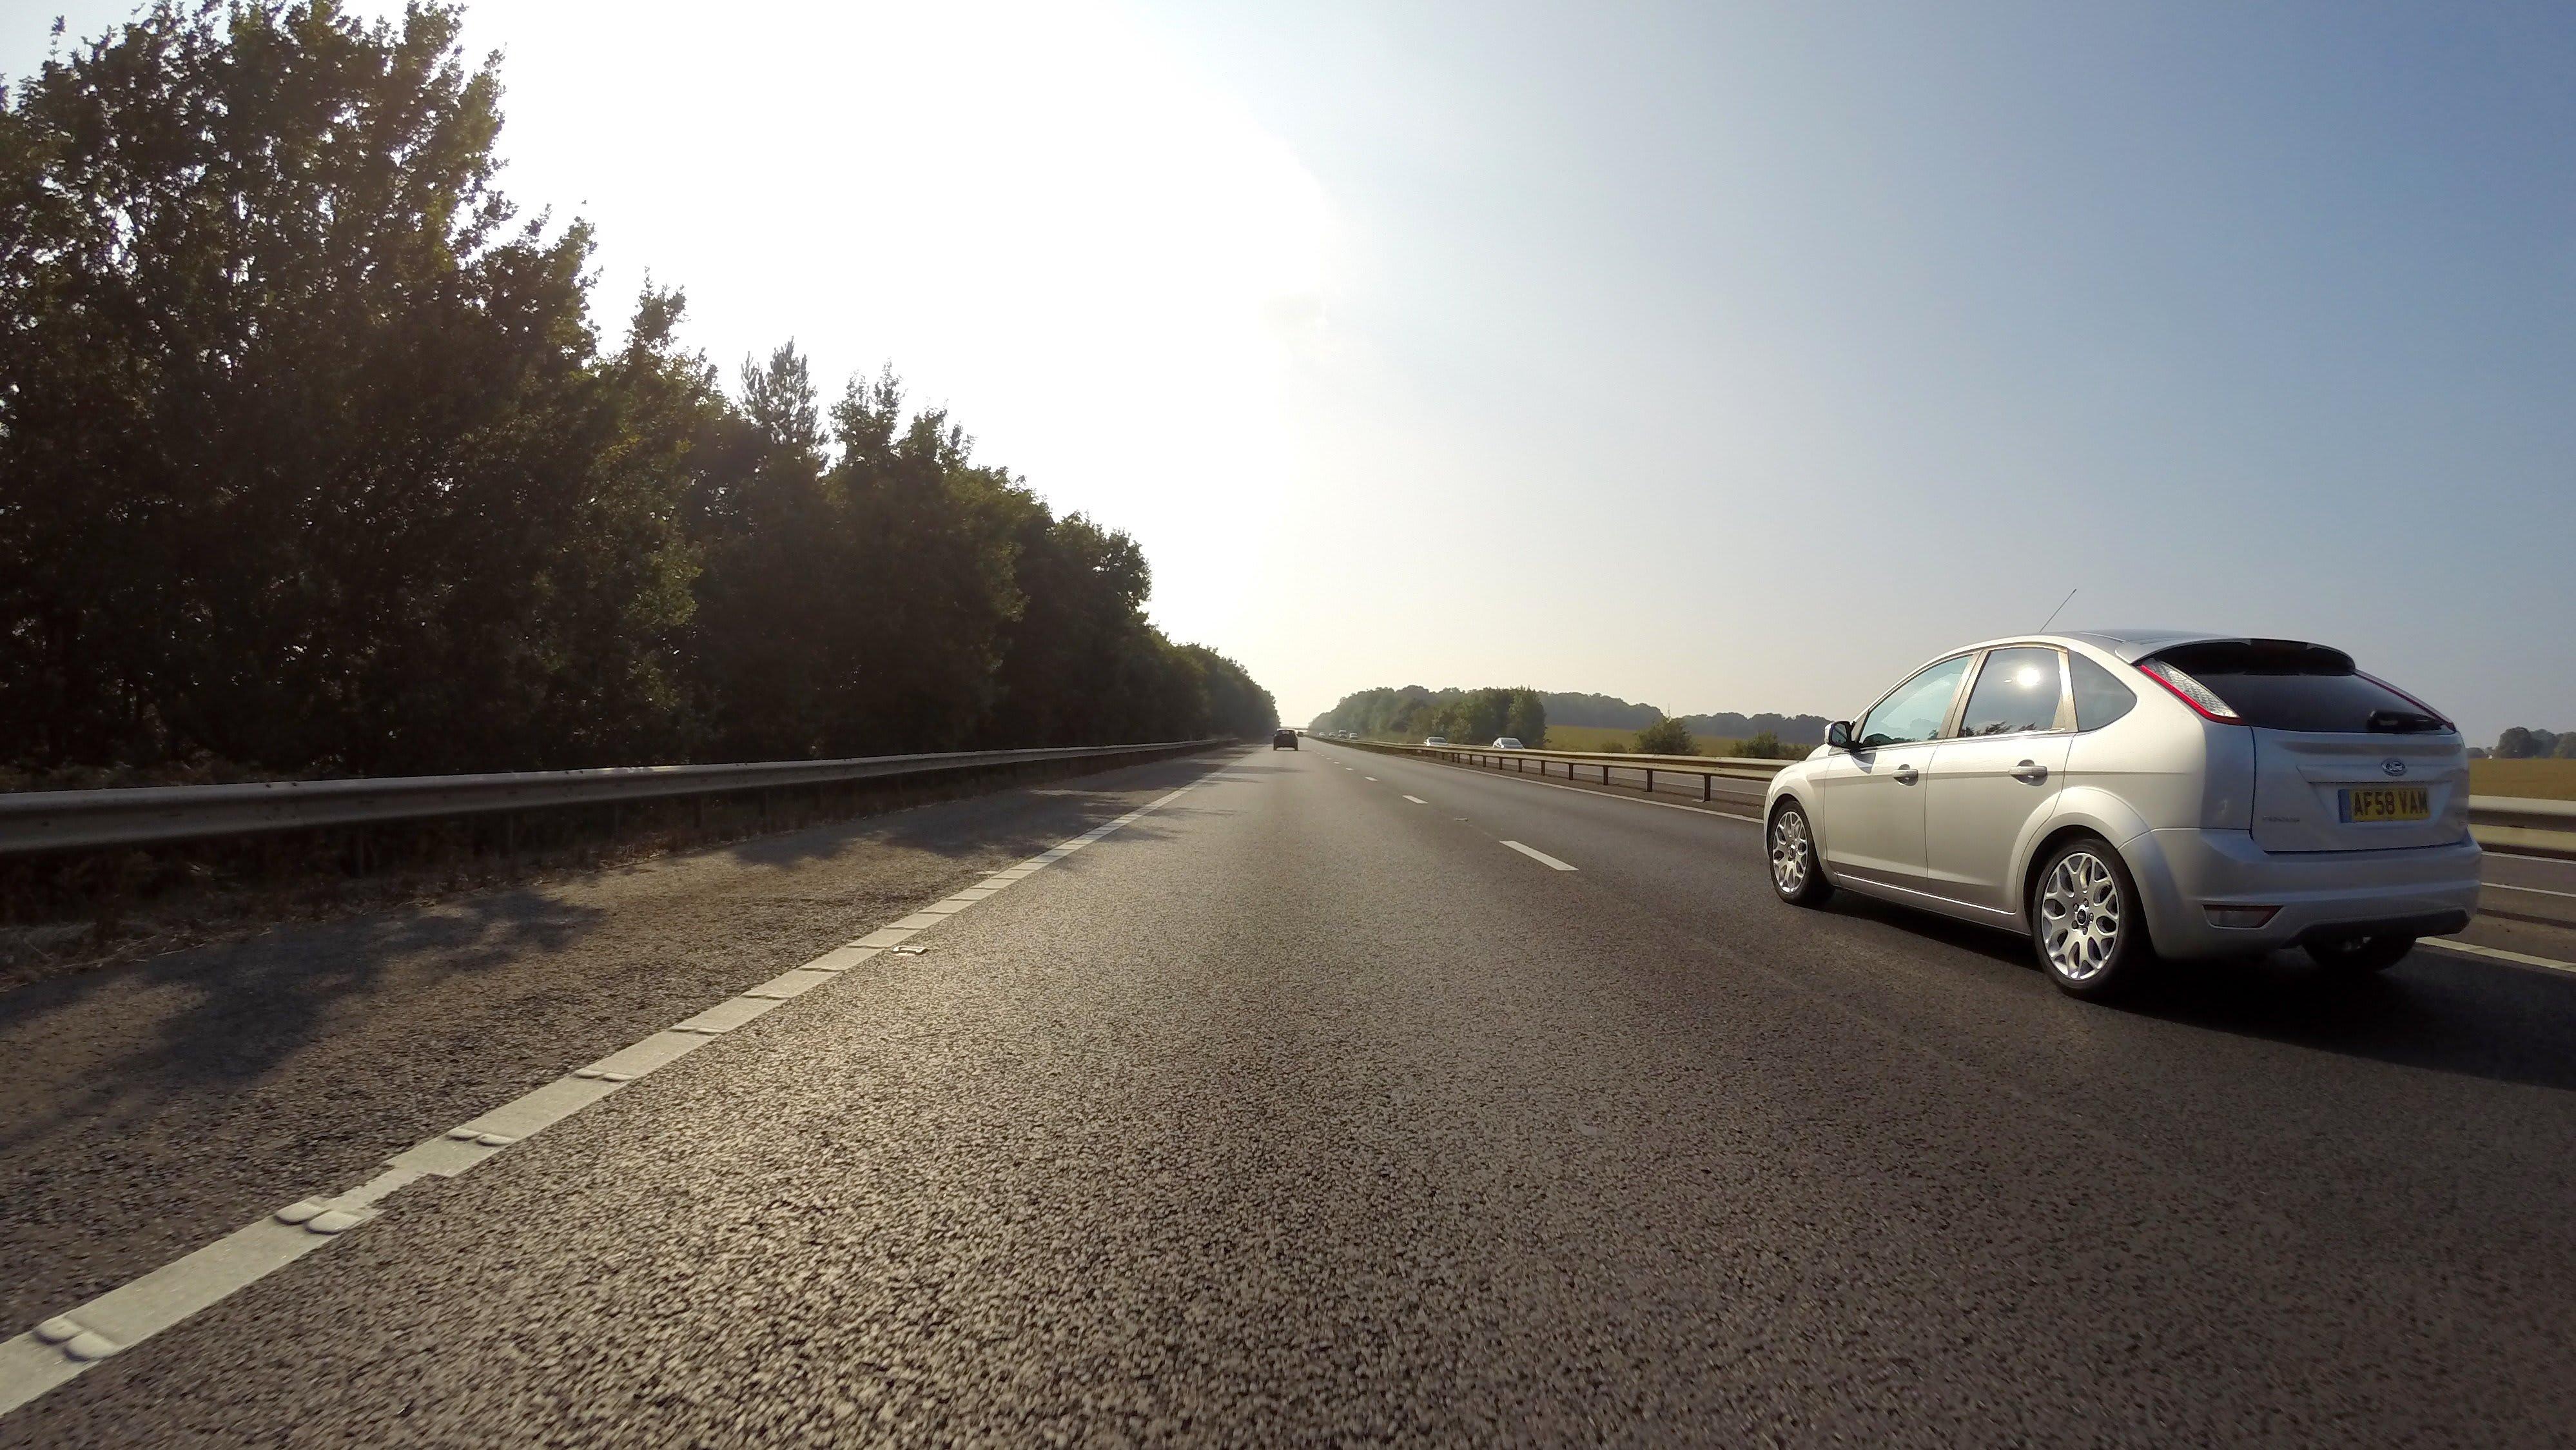 Frais déplacement freelance - voiture sur la route - Auto - 3996x2249 - JPG